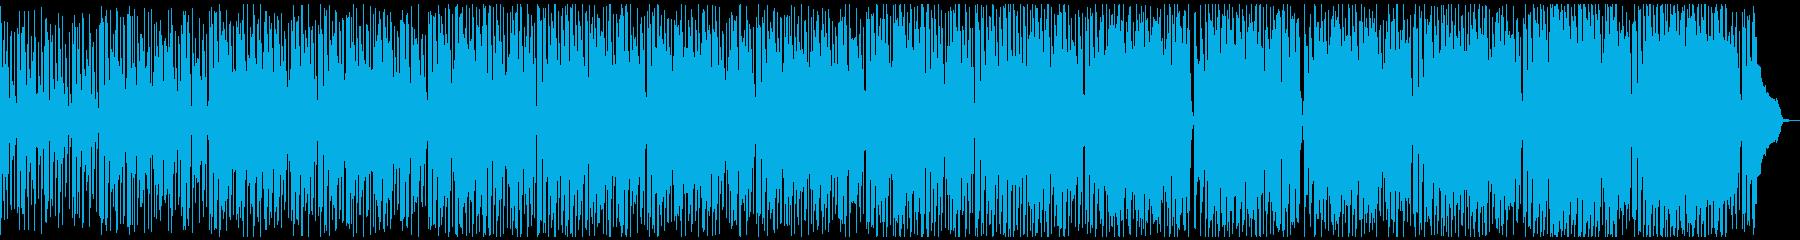 ポップ ロック アンビエント アク...の再生済みの波形